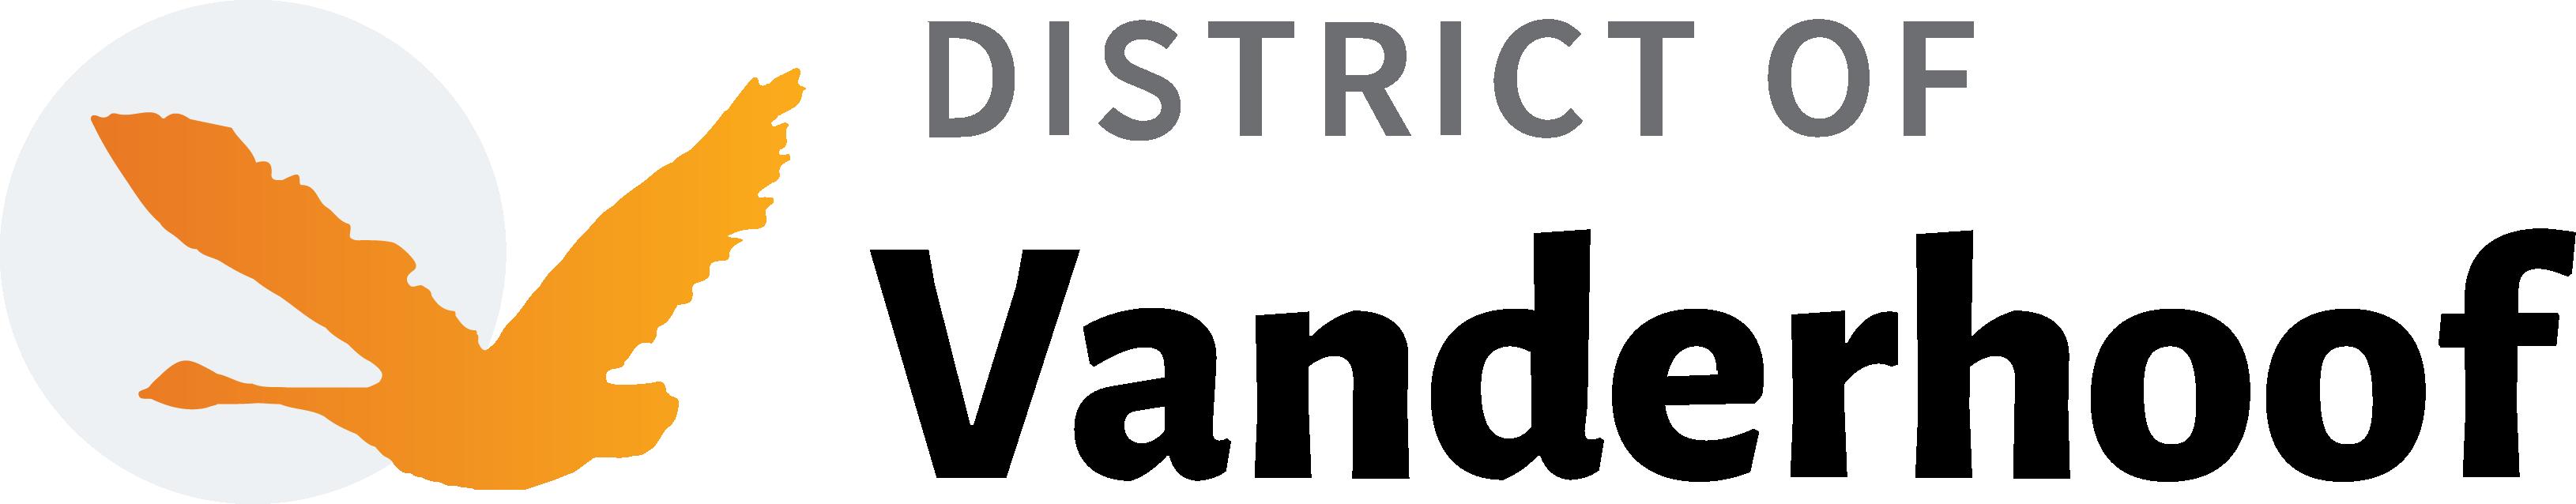 District of Vanderhoof